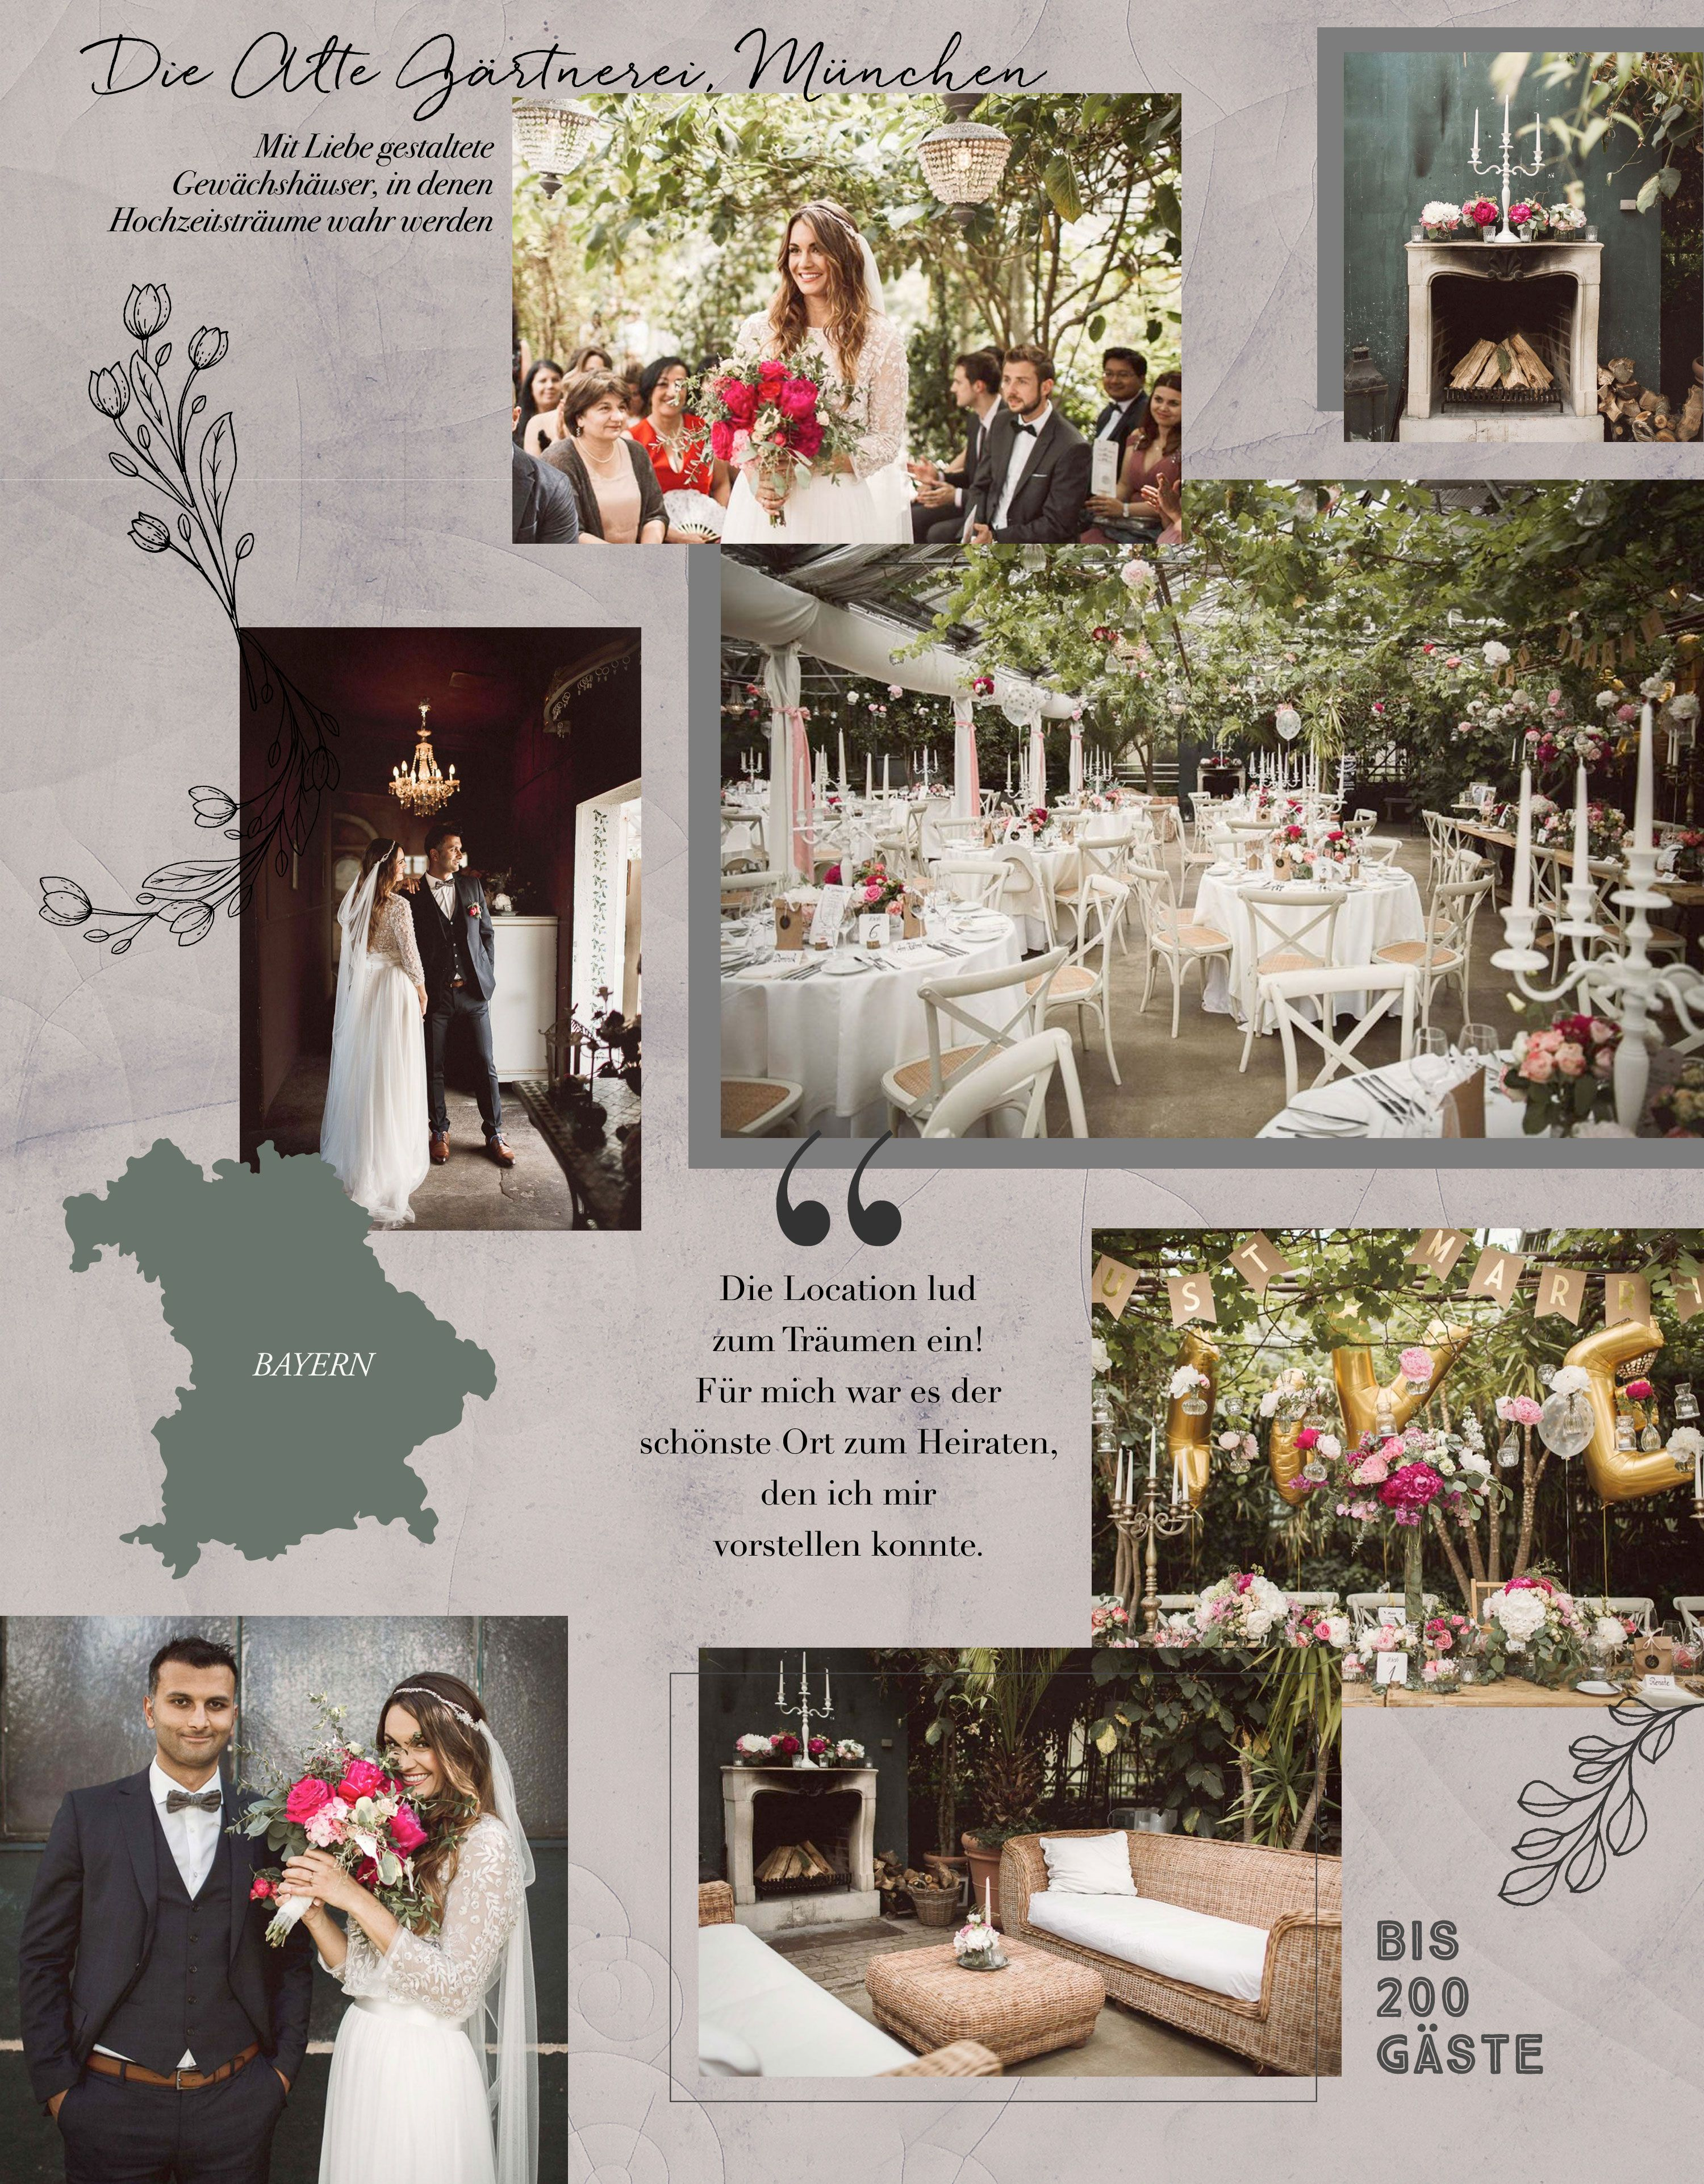 Die Alte Gartnerei Taufkirchen Munchen Fotografie Wertvoll Fotografie Gartnerei Hochzeit Hochzeitswahn